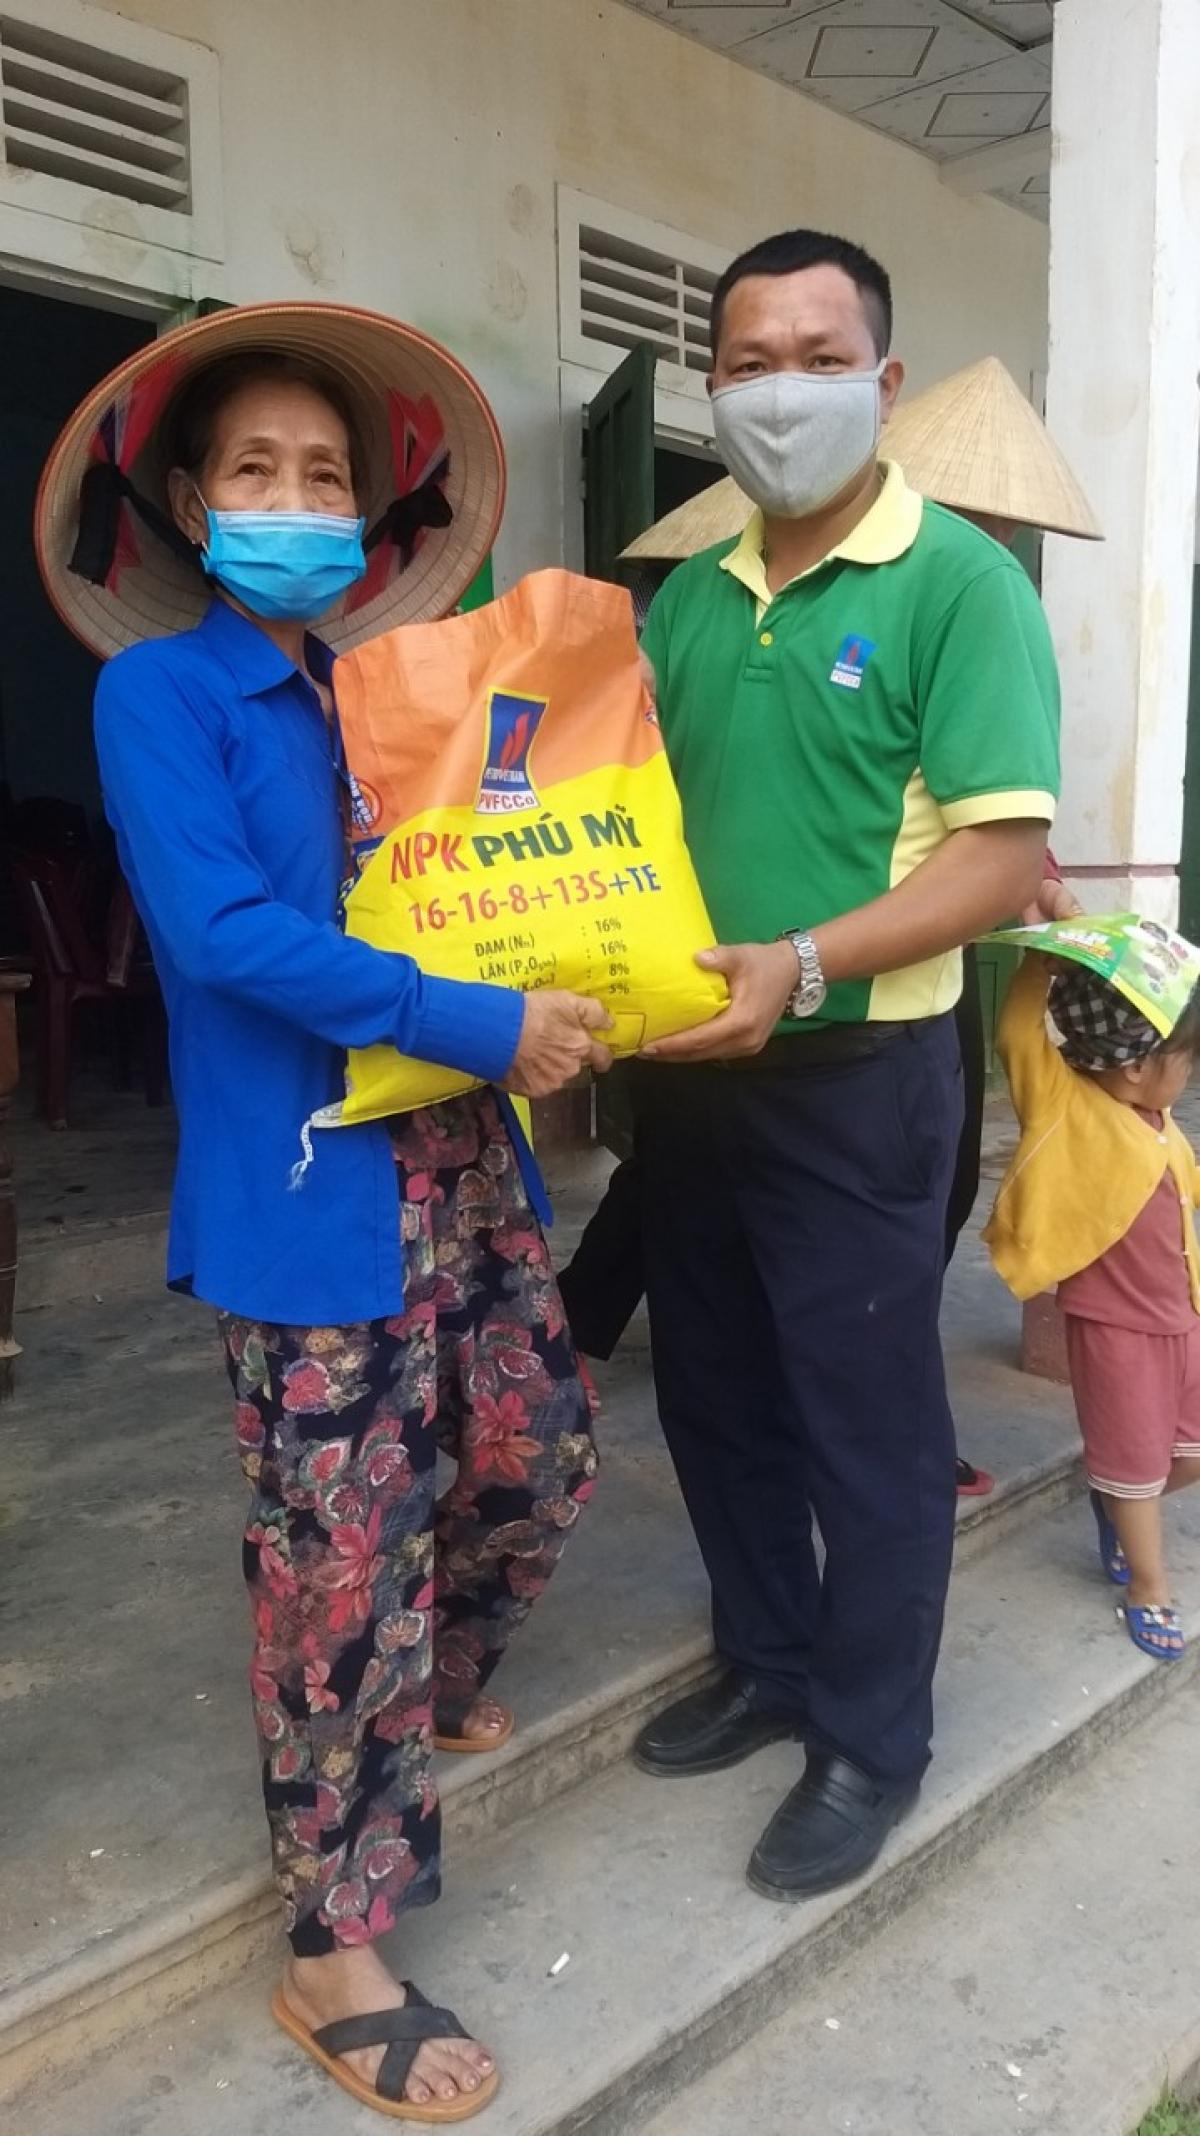 Tặng phân bón Phú Mỹ cho bà con nông dân.